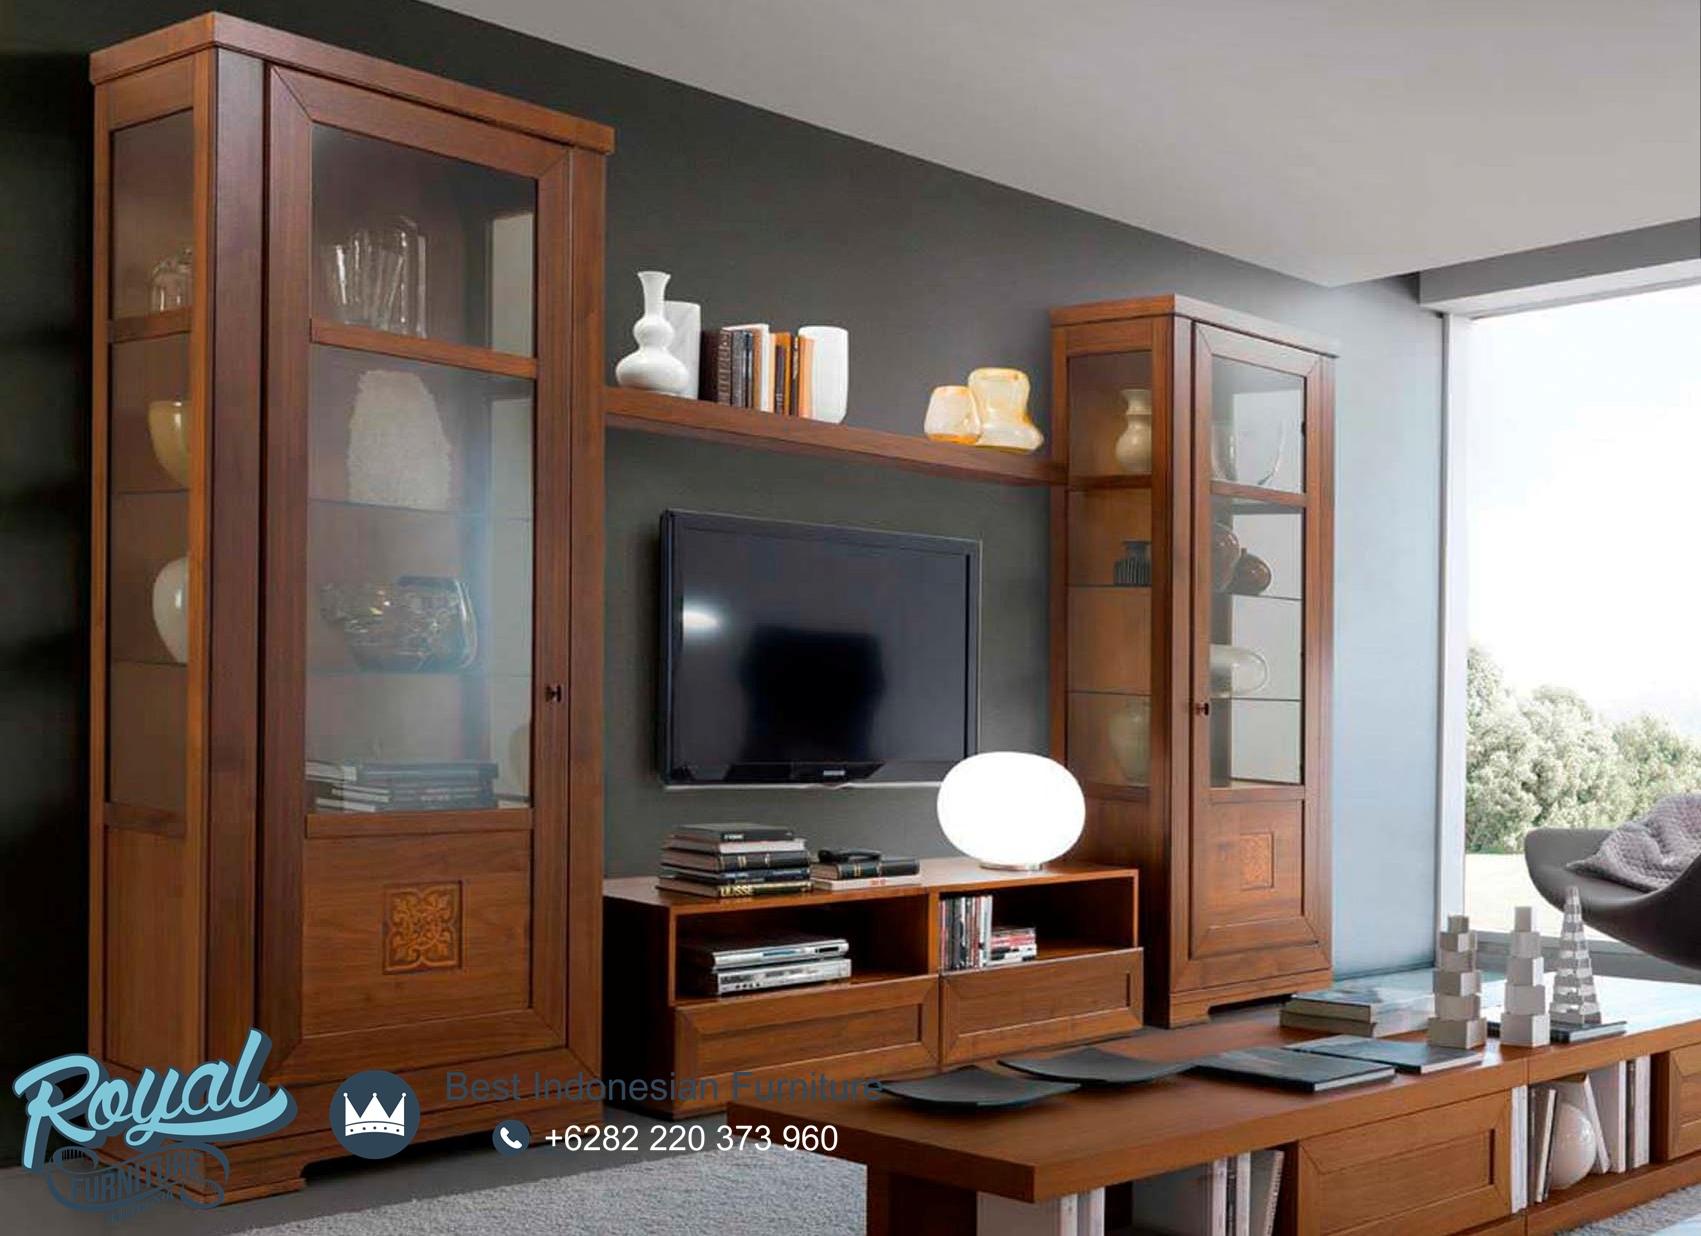 Bufet Tv Jati Minimalis Mewah Natural Wood Terbaru, Bufet Tv Jepara, Bufet Tv Minimalis Modern, Bufet Tv Jepara Jati Minimalis Model Pendek, Bufet Tv Minimalis Terbaru, Harga Bufet Tv Jati Minimalis Modern, Model Bufet Tv Minimalis Mewah, Lemari Bufet Tv Minimalis Murah, Bufet Tv Mewah, Bufet Tv Mewah Kayu Jati Jepara, Bufet Tv Jepara Mewah, Bufet Tv Kayu Jati Mewah, Bufet Tv Klasik Mewah, Harga Bufet Tv Mewah, Desain Bufet Tv Mewah Terbaru, Model Bufet Tv Mewah, Model Bufet Tv Minimalis Mewah, Jual Bufet Tv Jati Jepara, Meja Tv Minimalis, Meja Bufet Tv Minimalis, Meja Tv Klasik, Lemari Tv Mewah Minimalis, Bufet Mewah Minimalis, Bufet Minimalis Warna Putih, Lemari Hias Minimalis Putih, Royal Furniture